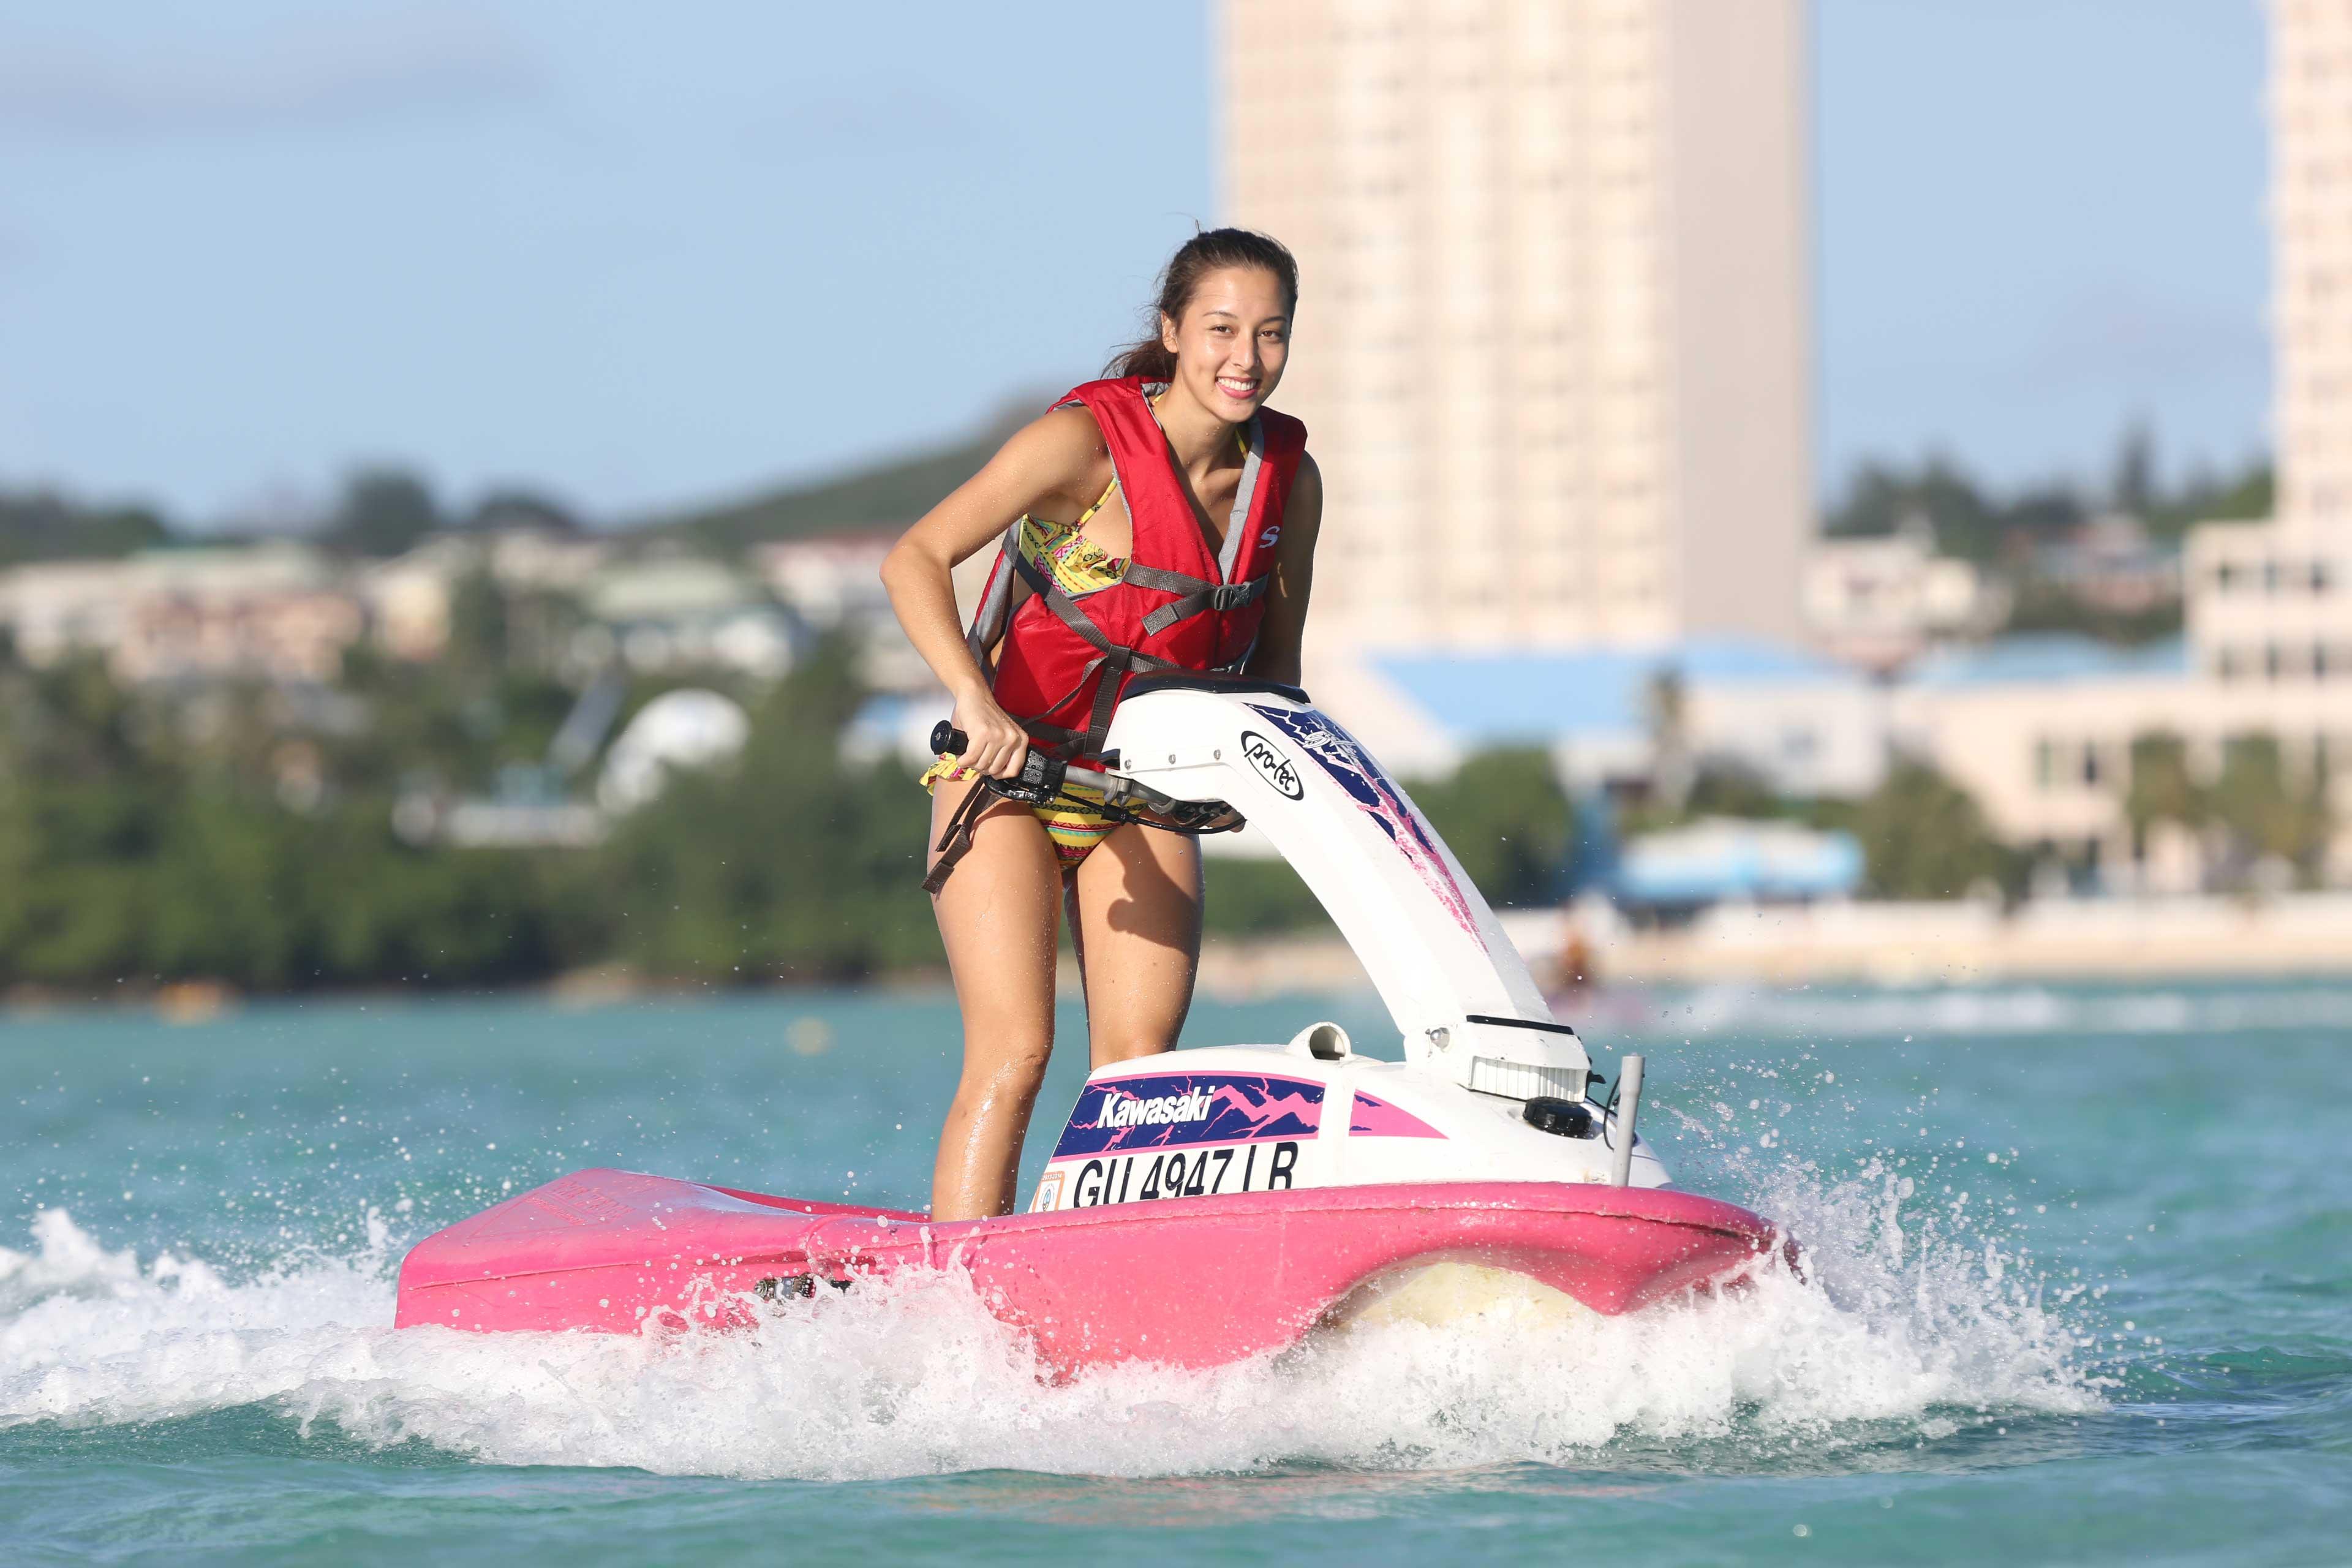 免許不要で挑戦できる水上バイク「ジェットスキー」、一人乗りの保証は嬉しいお約束です